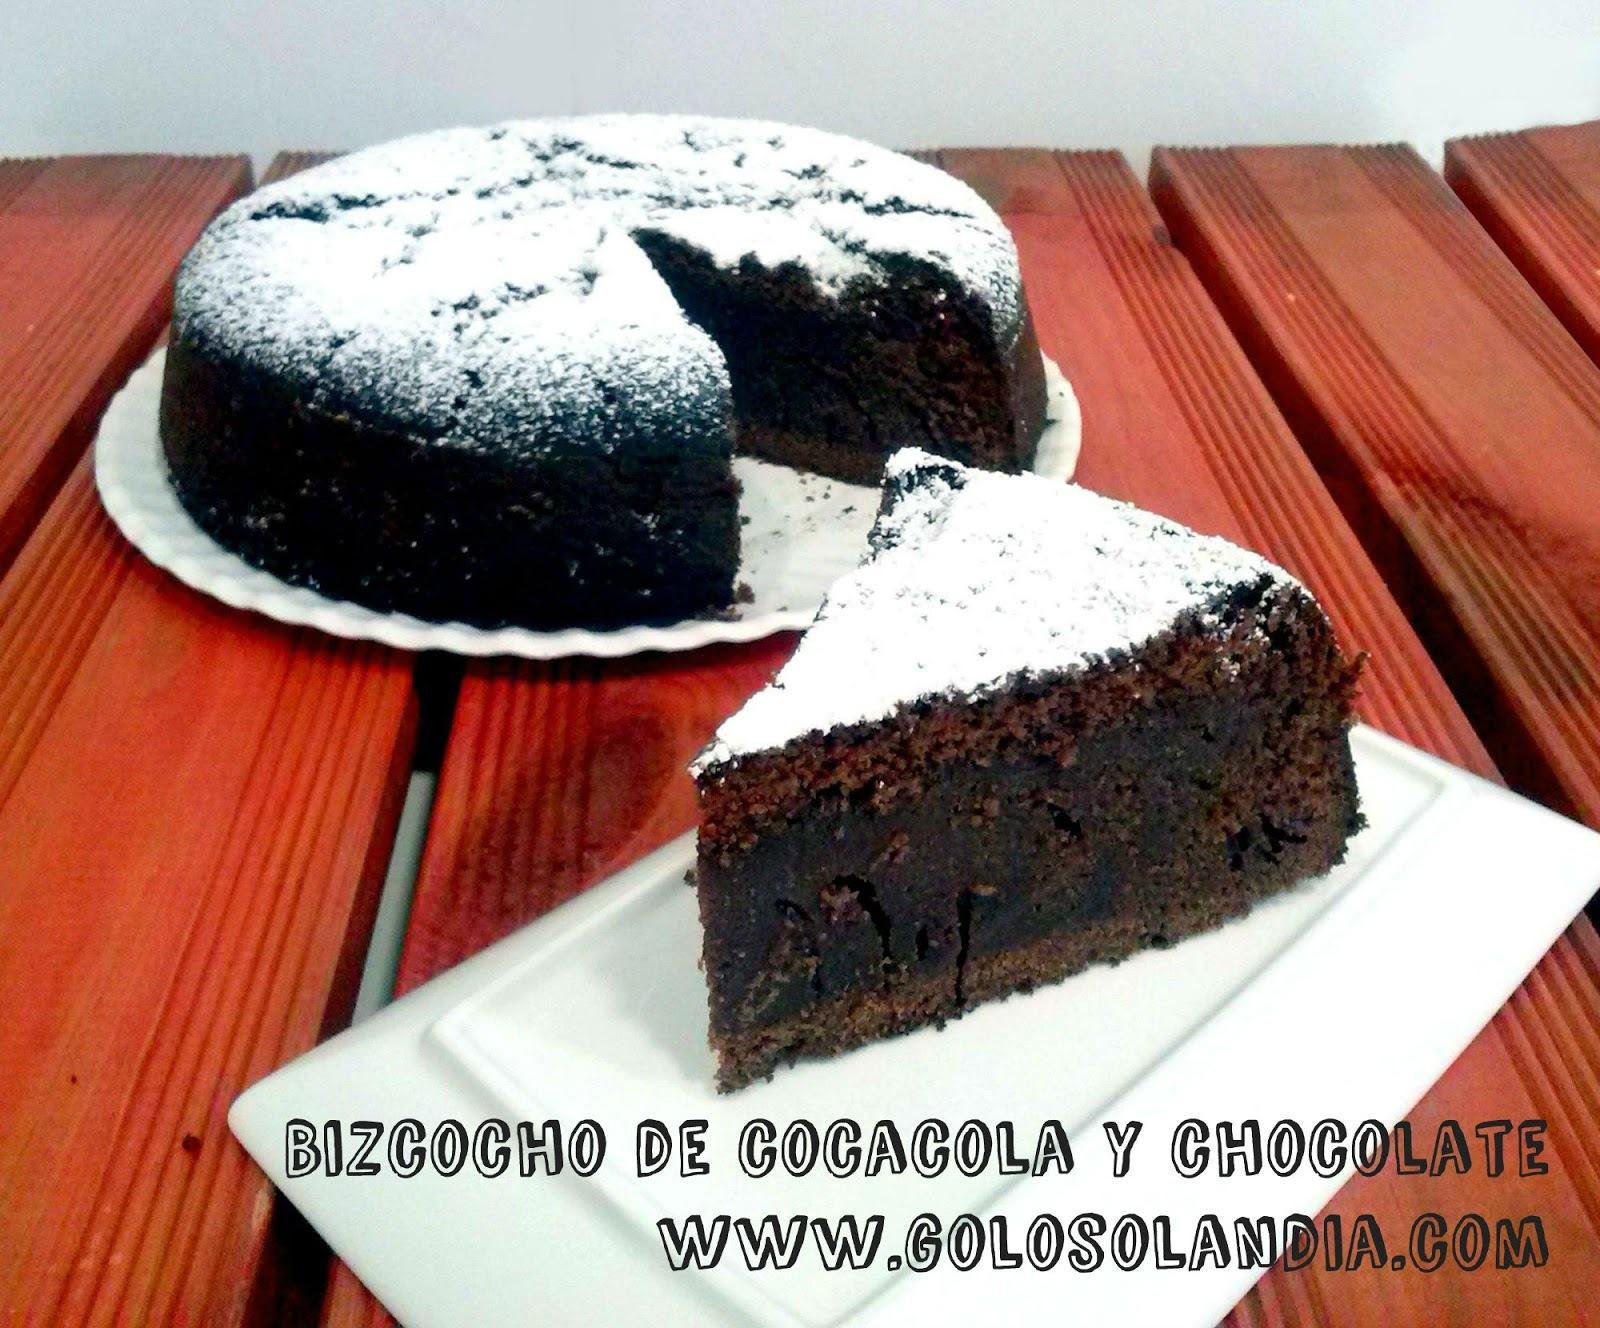 Bizcocho de cocacola y chocolate